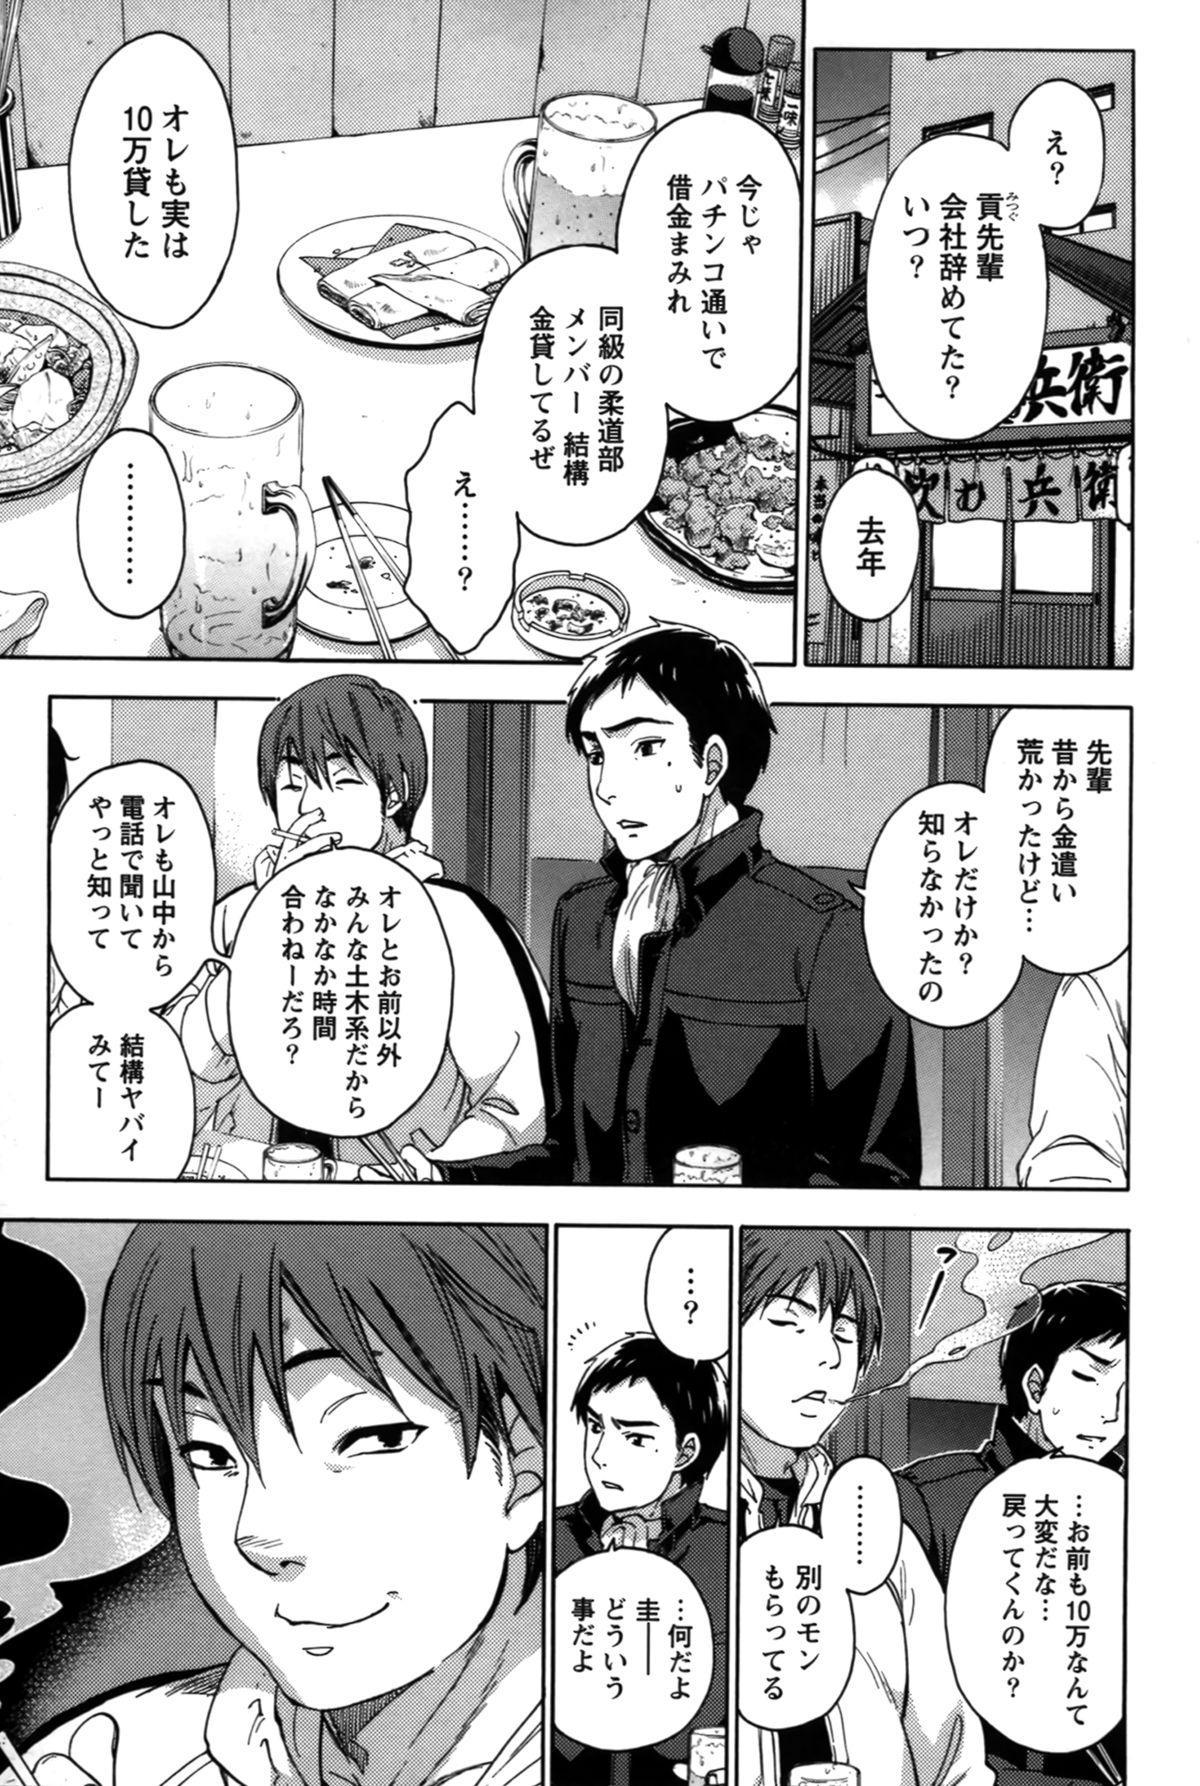 Anata to Watashi wa Warukunai 6